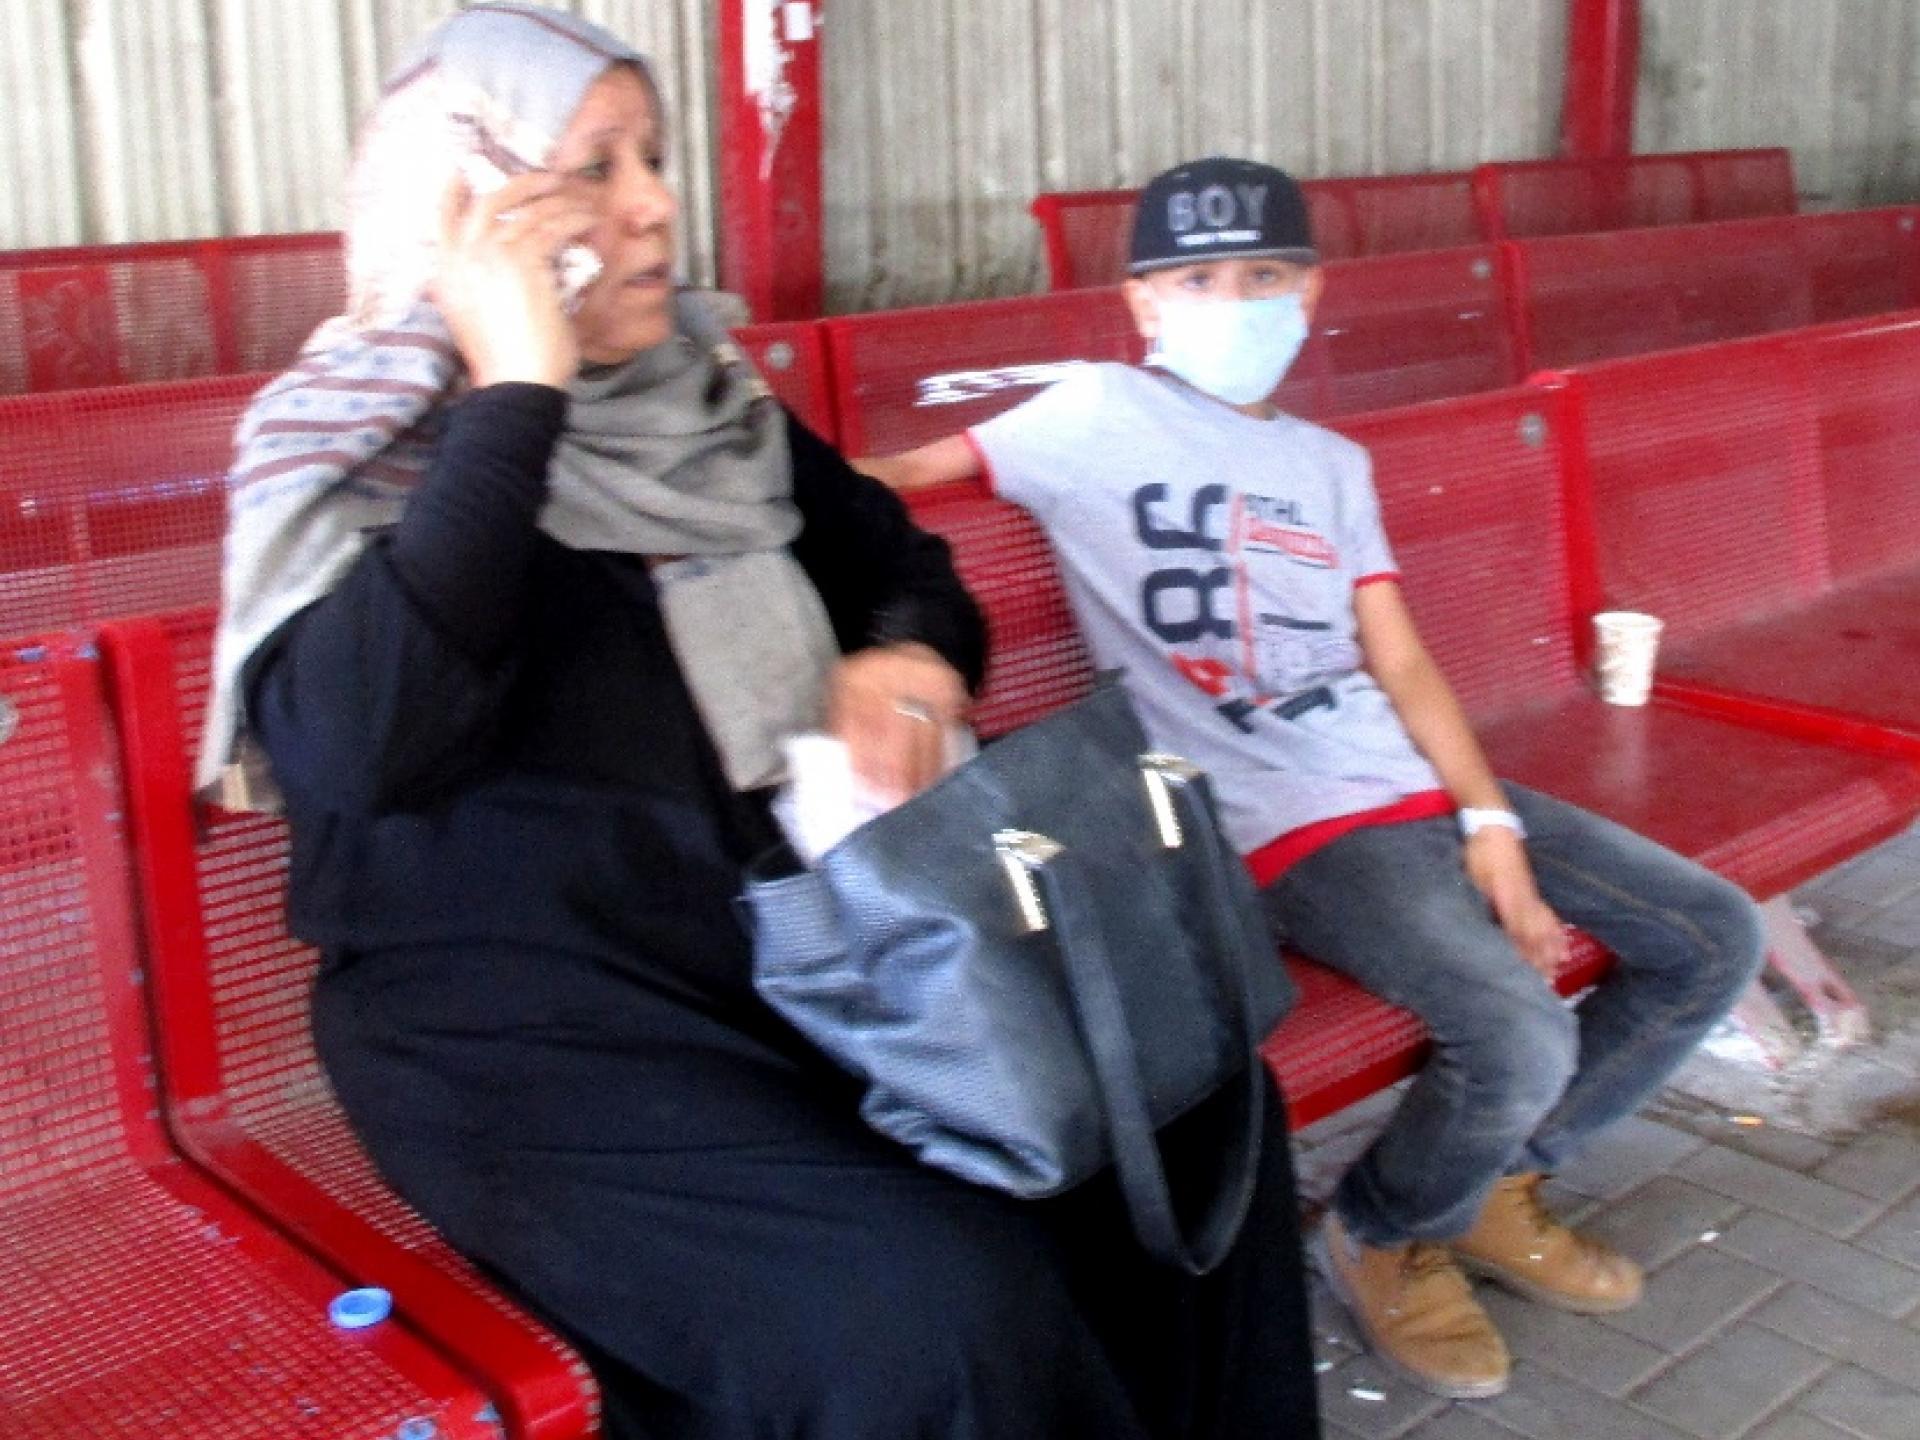 מוחמד ואמו אחרו לרכב ההסעות לעזה